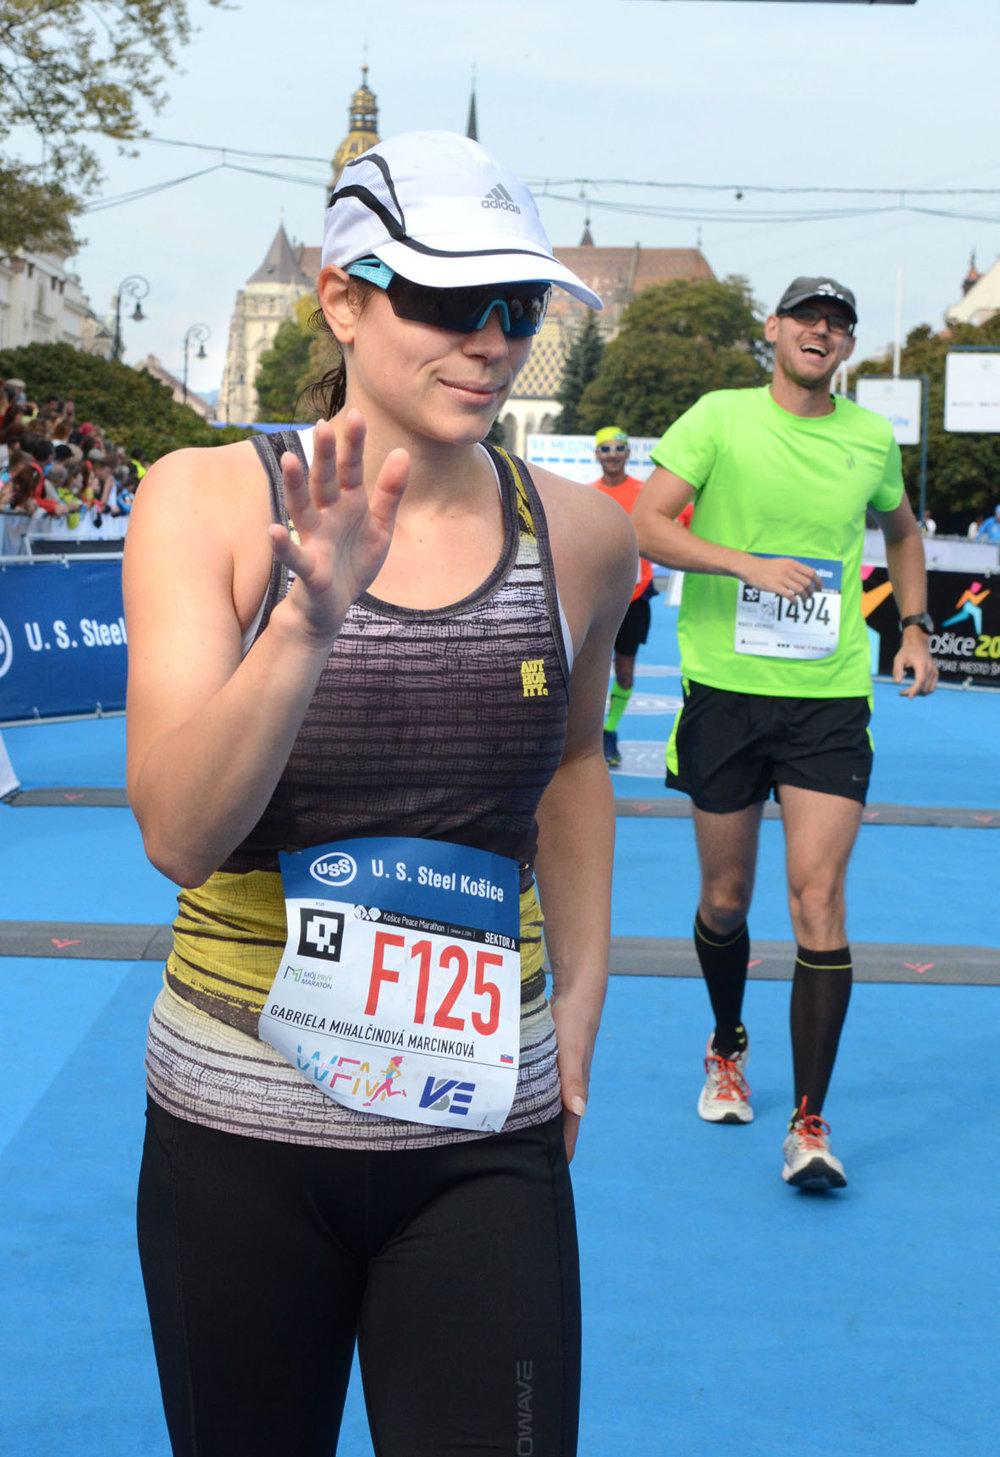 Herečka Gabriela Mihalčinová Marcinková behá rada, no tento rok jej maratón nesadol. Po dobehnutí do cieľa sa nám zverila, že si v Košiciach túto nedeľu vytrpela svoje.